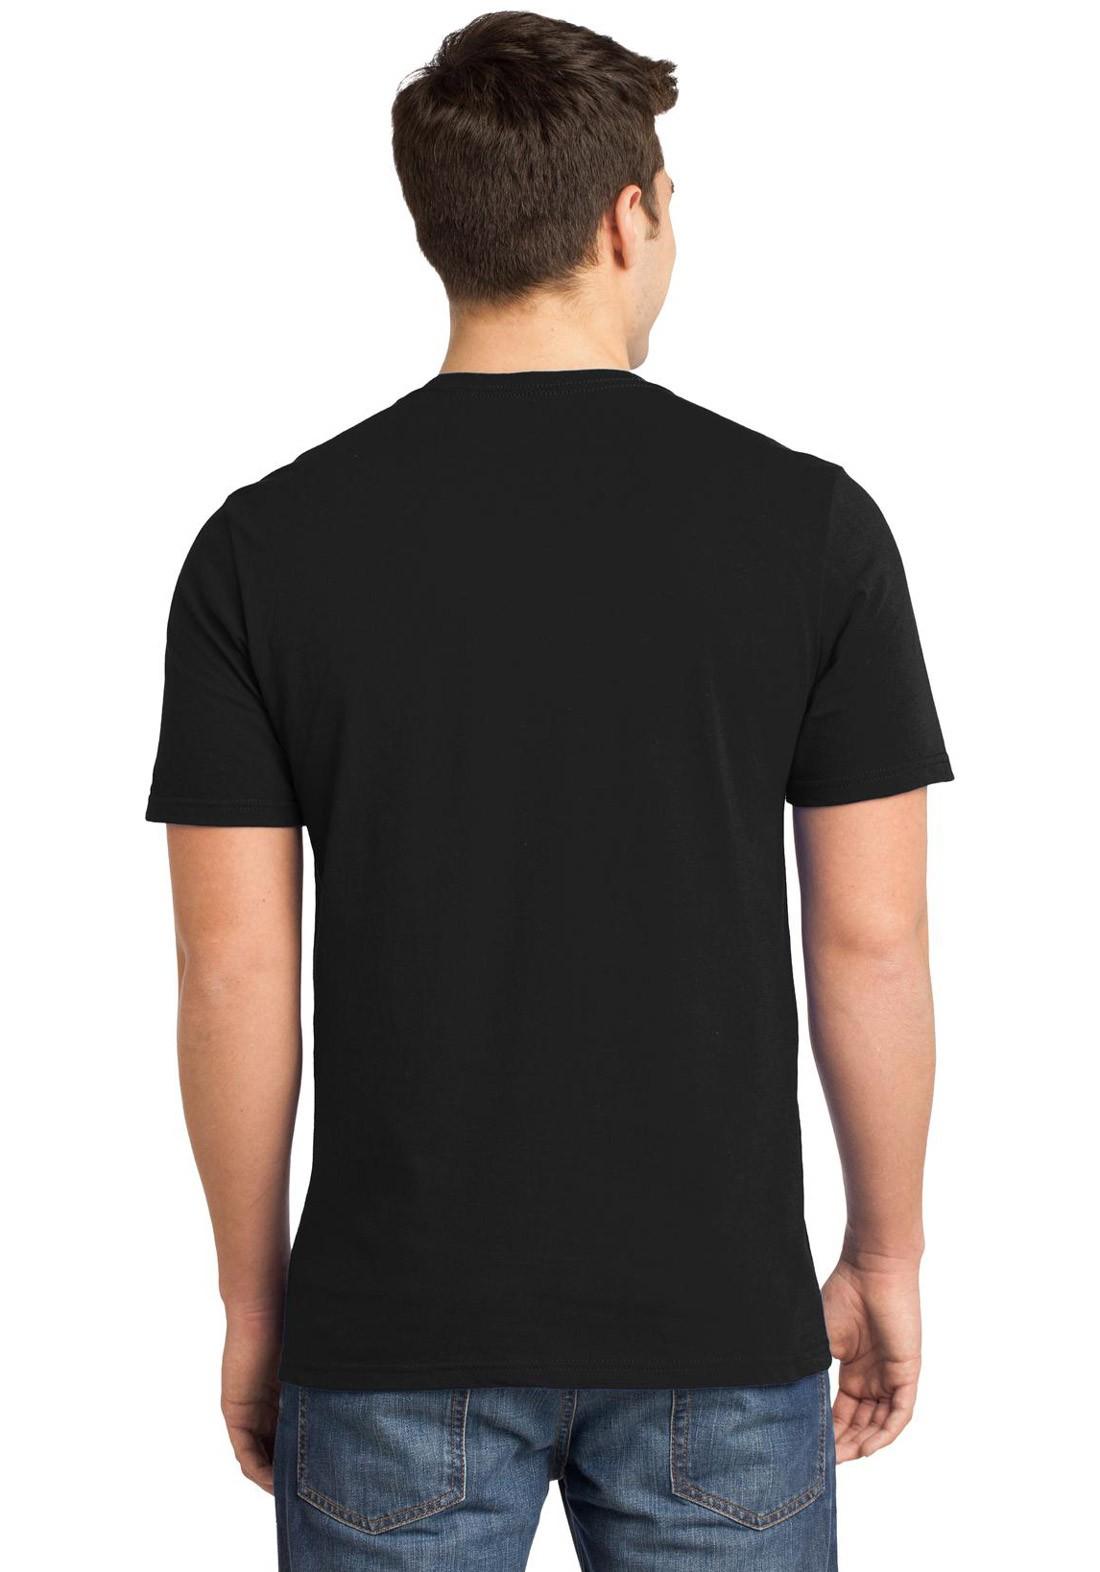 Camiseta Masculina Universitária Faculdade Farmácia